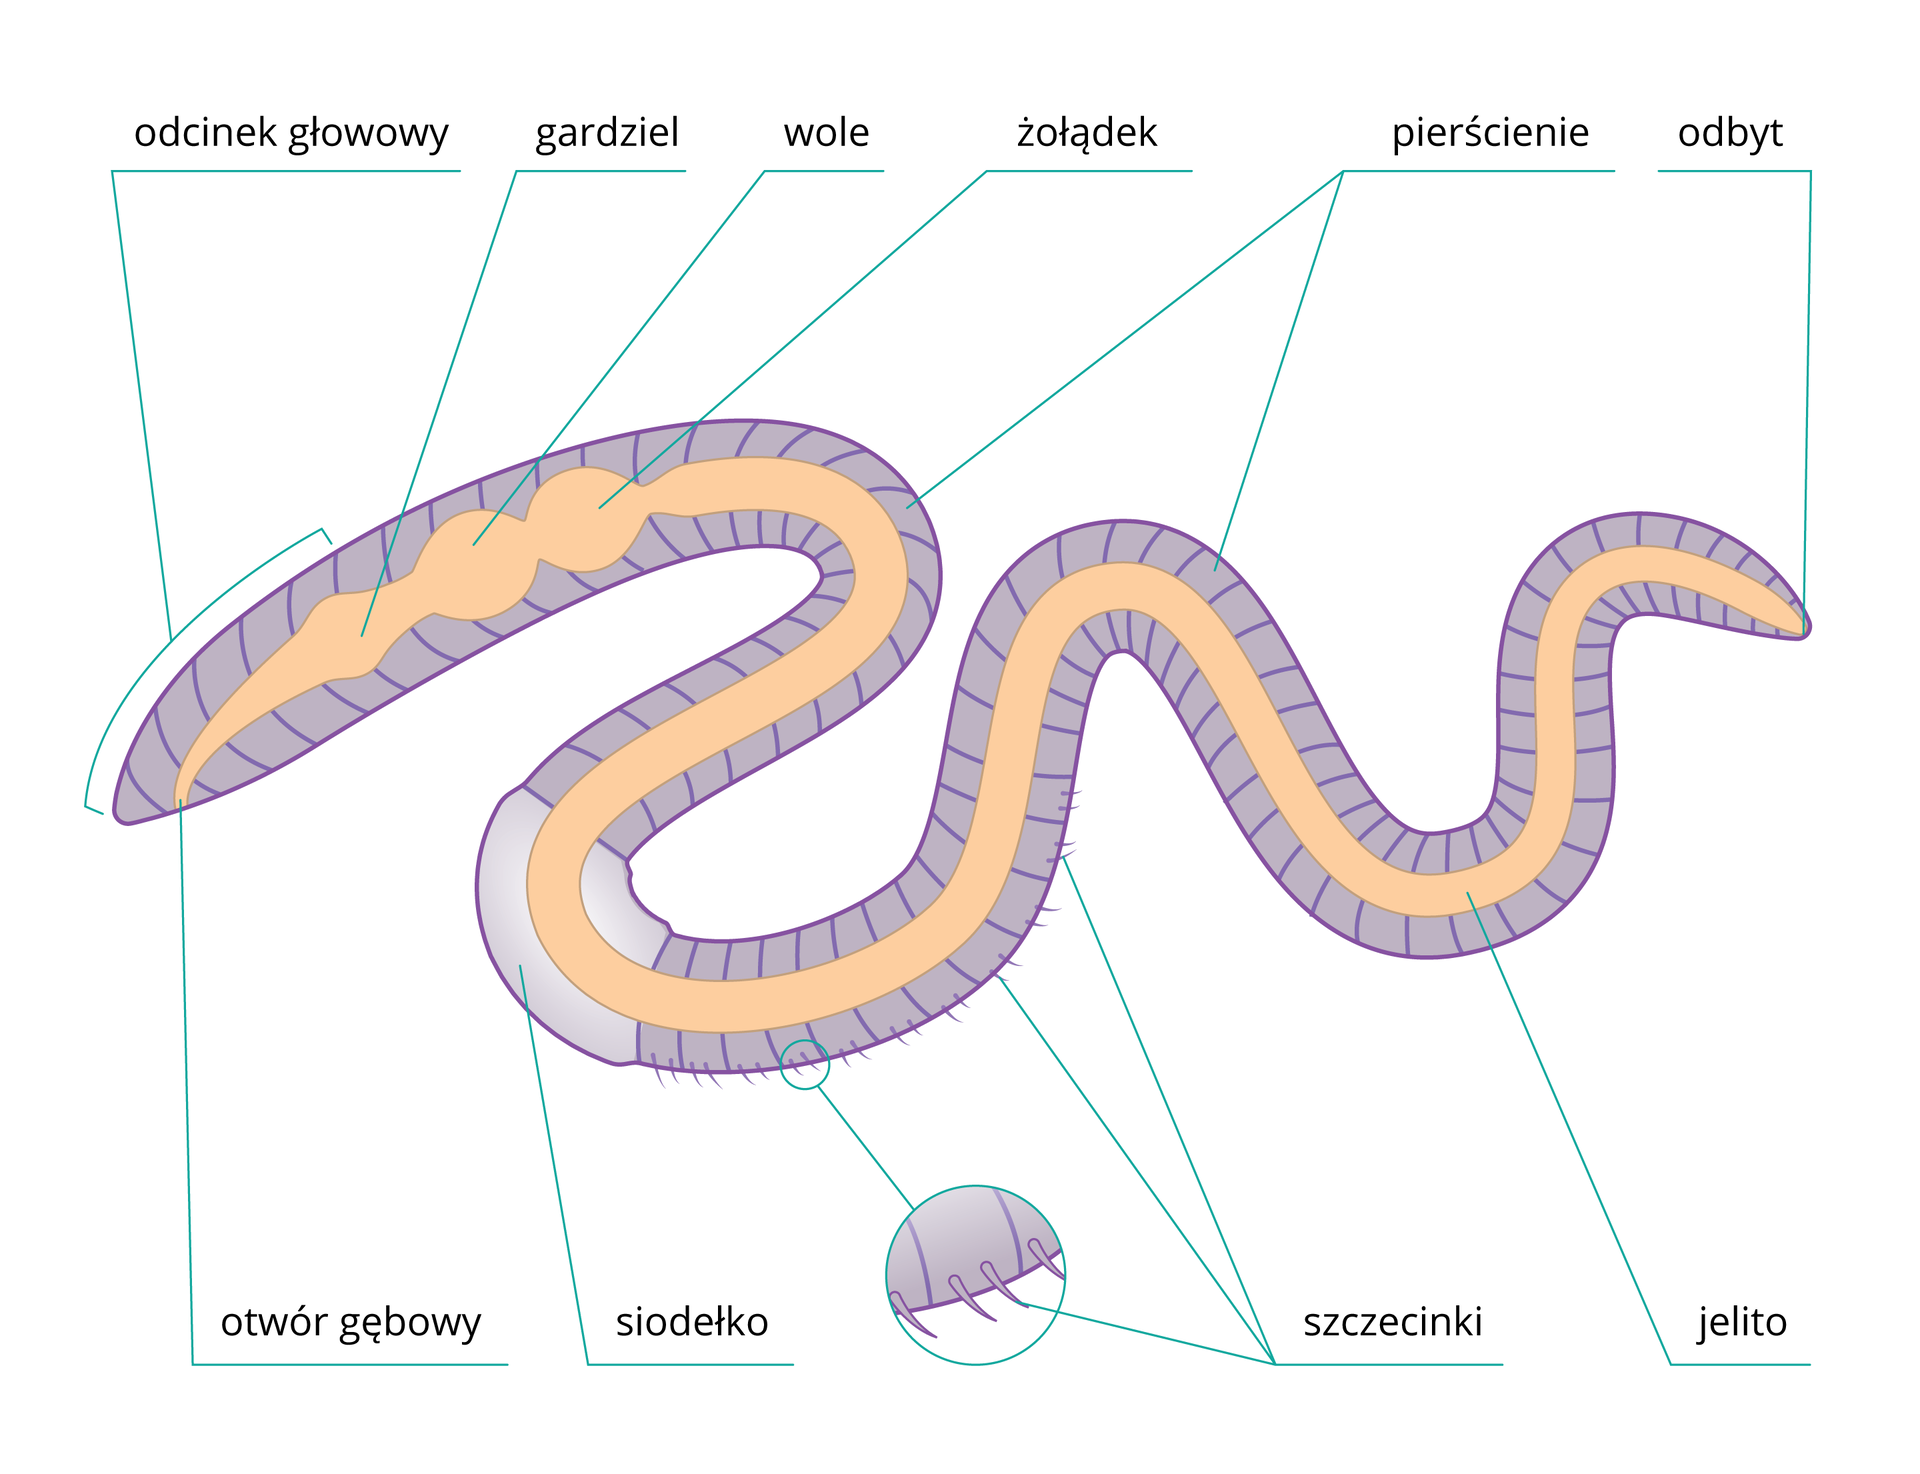 Ilustracja przedstawia schematycznie budowę dżdżownicy. Ciało ma kolor fioletowy, wnim wrysowano pomarańczowy układ pokarmowy. Części ciała są opisane. Małe kółko udołu przedstawia powiększenie części segmentu ze szczecinkami.